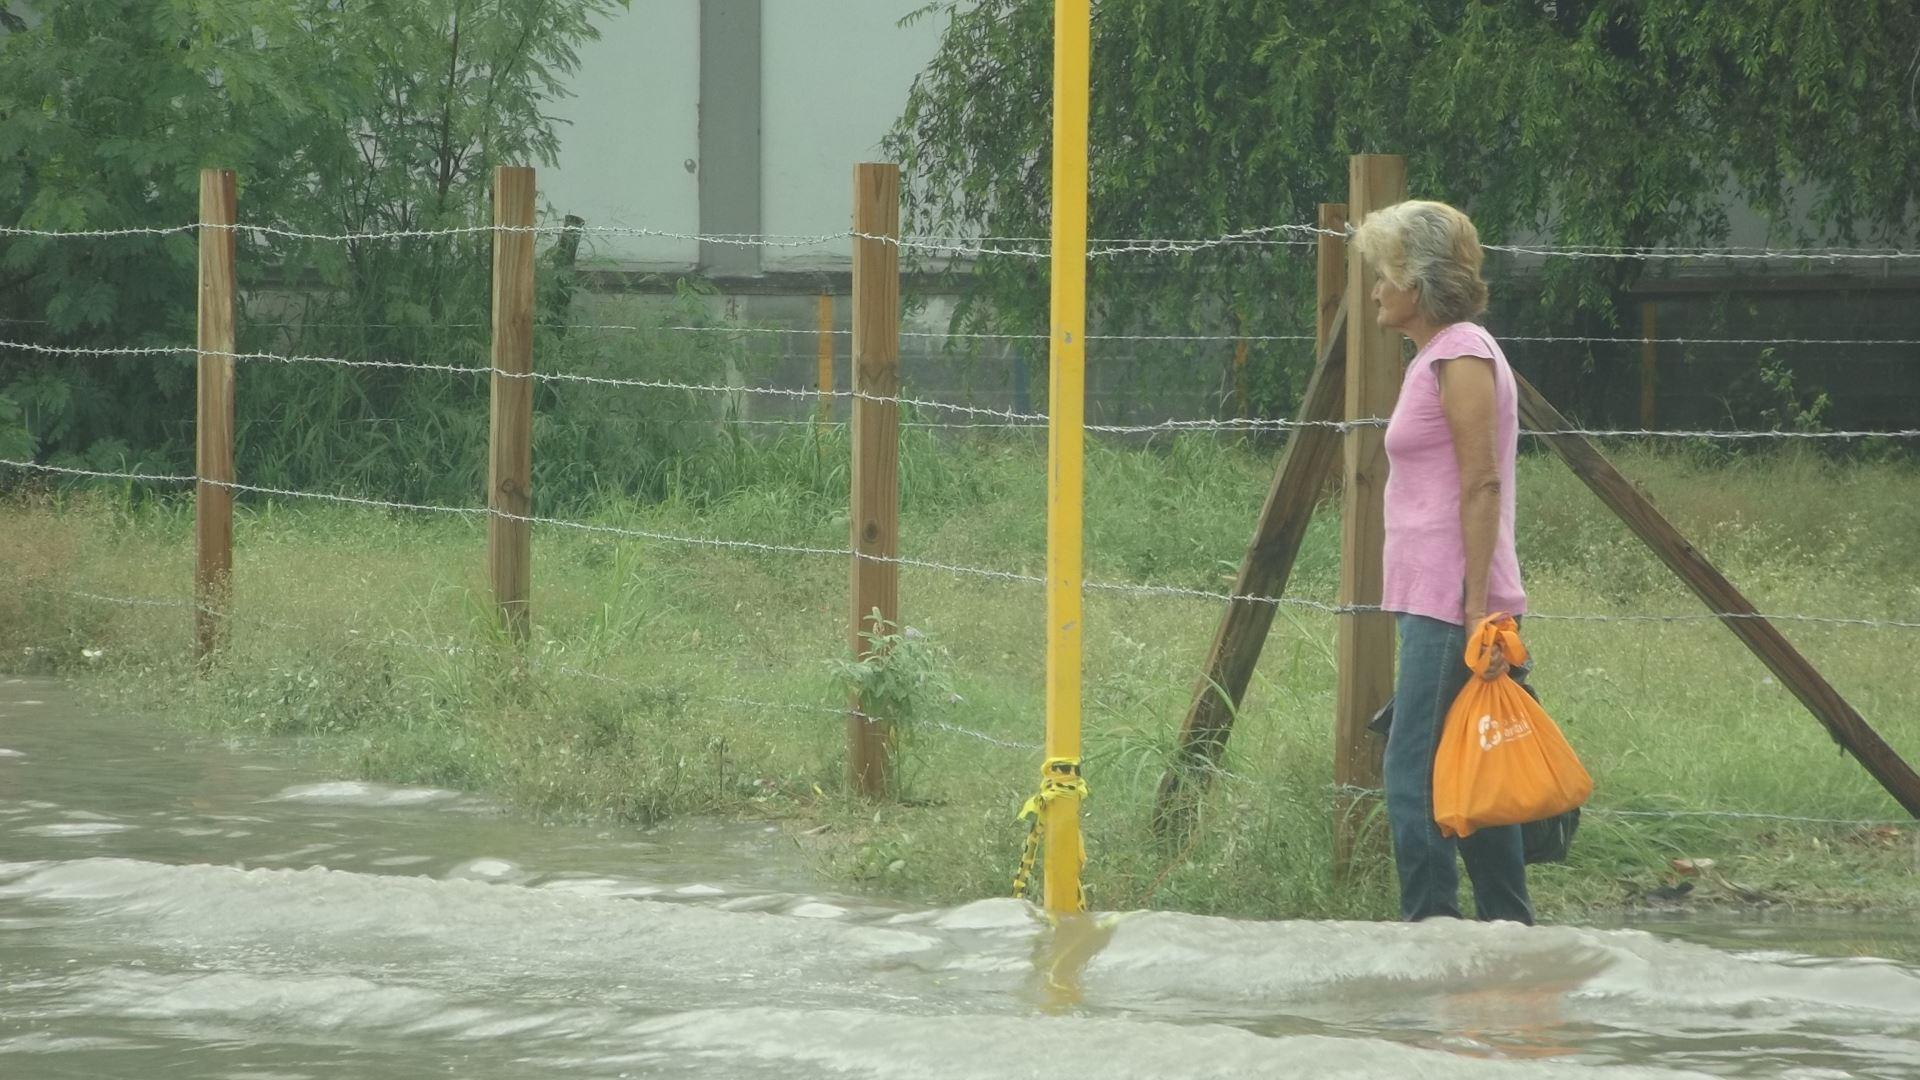 CON EL AGUA. Transeúntes tuvieron que caminar entre el agua en las calles que resultaron inundadas por las precipitaciones pluviales.